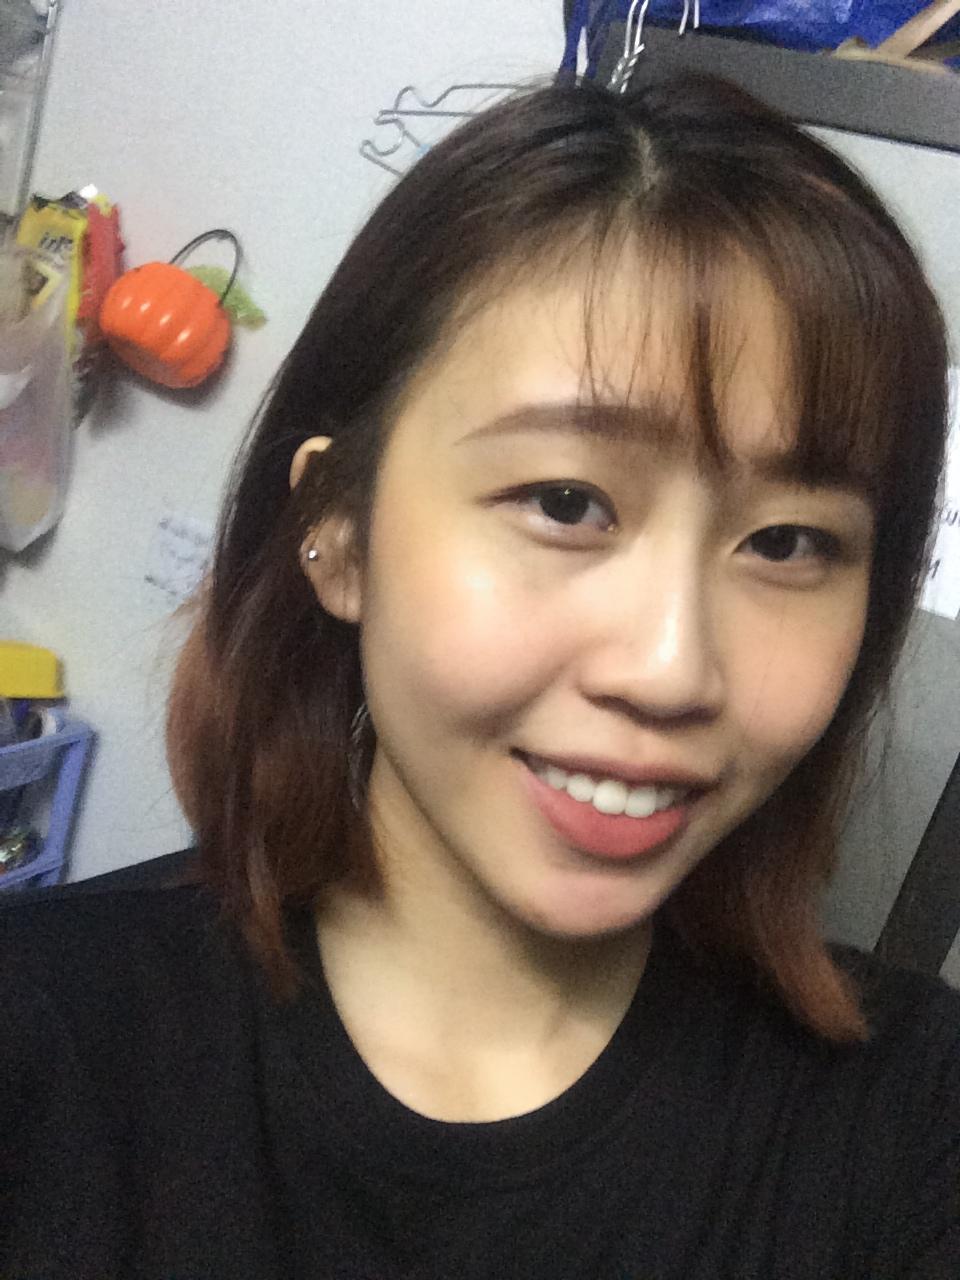 Nguyễn Thị Ngọc Phước